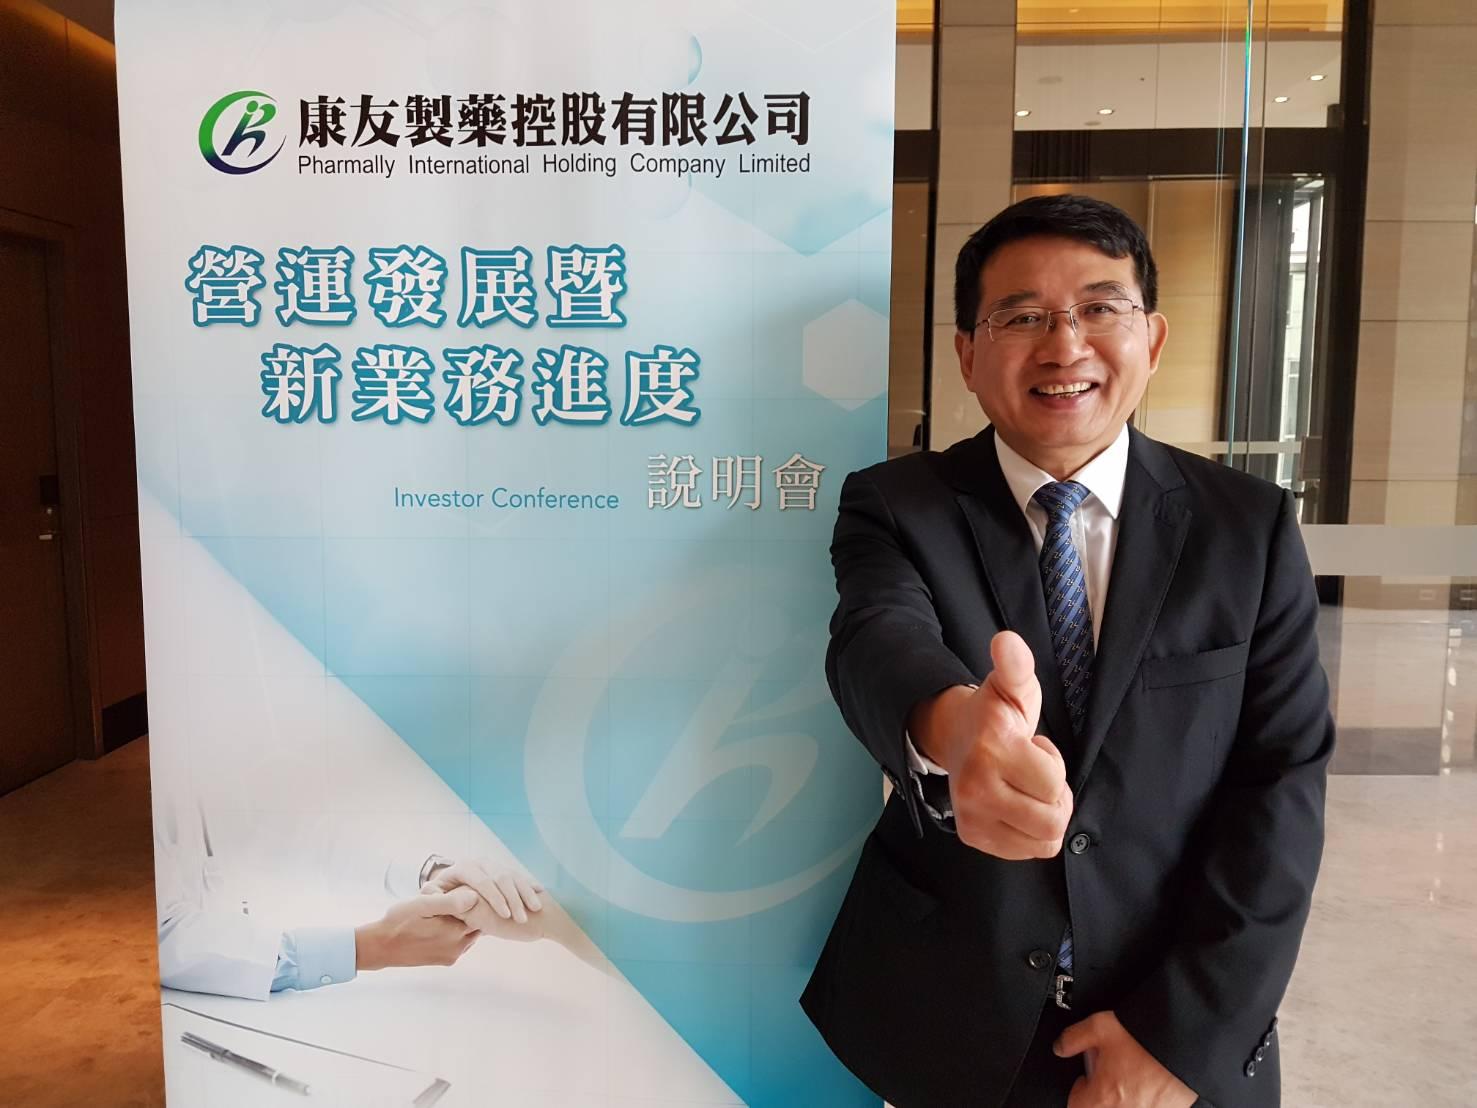 康友-KY禽流感疫苗藥證就位,力拼東南亞動物疫苗大廠。